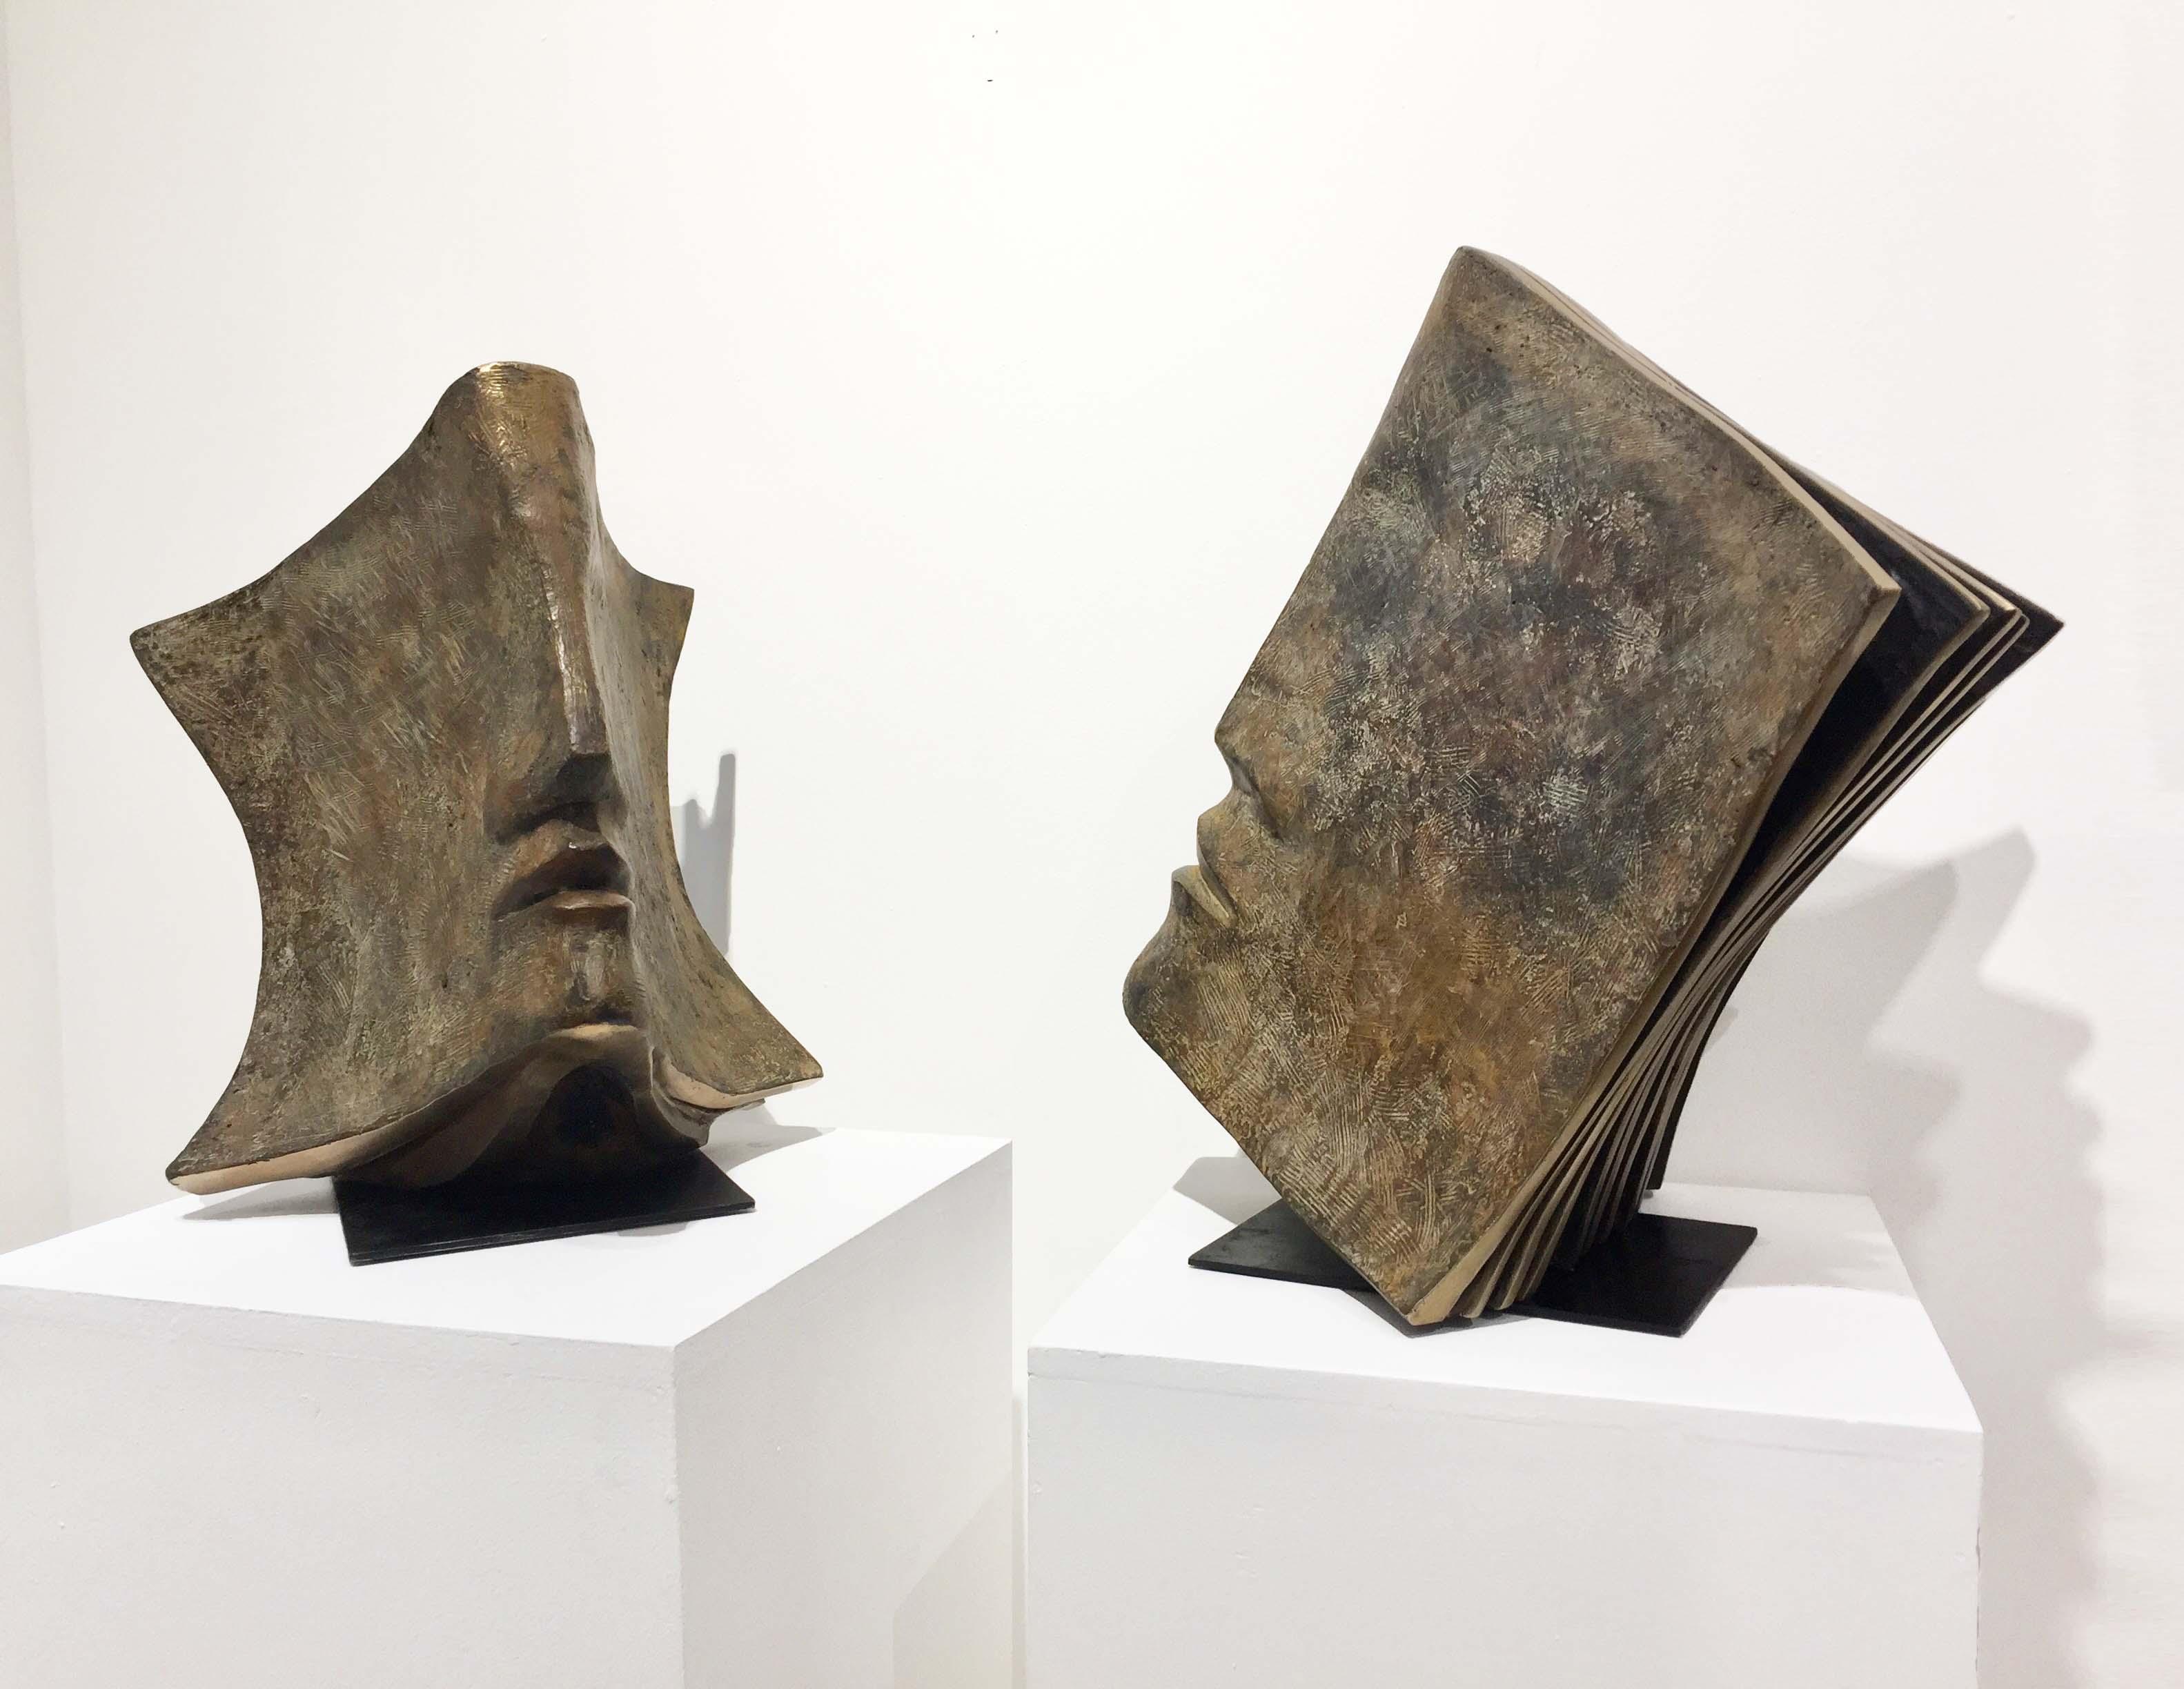 VERBATIM Bronze 45x37x40 et 54x50x35cm / 18x15x16 & 21x20x14 inches